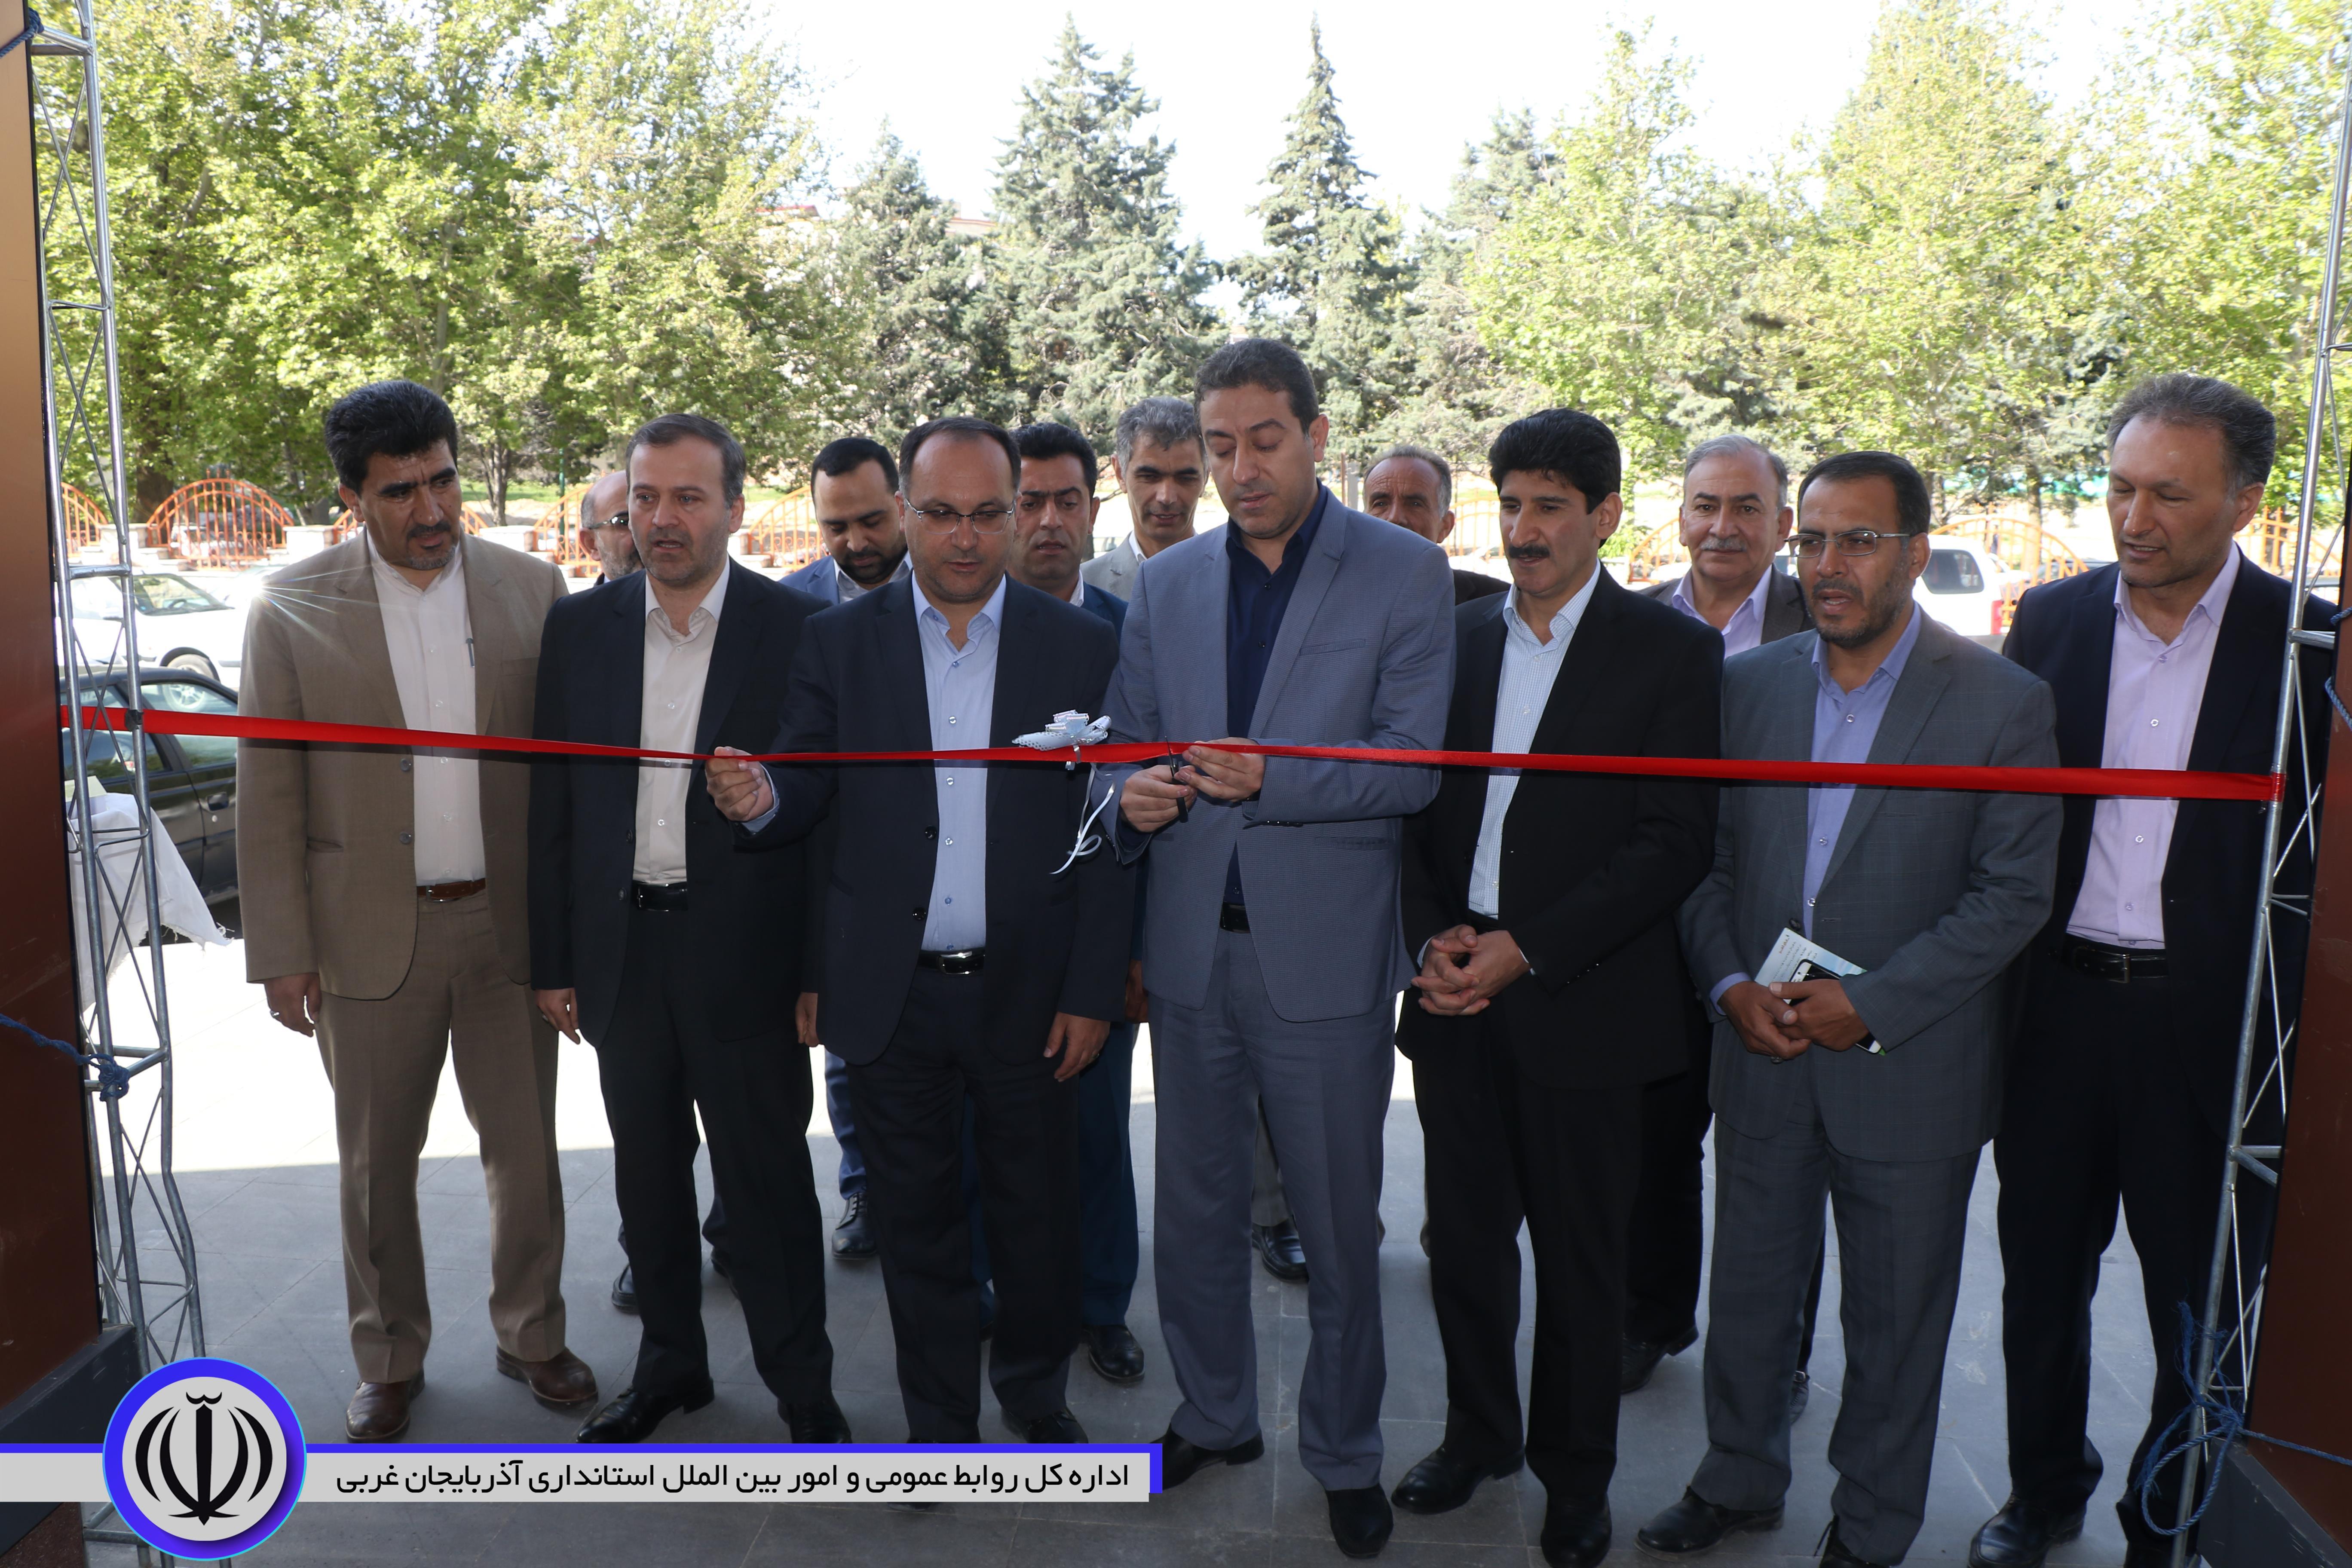 افتتاح نمایشگاه دستاوردهای فرهنگی ، احتماعی و اجرایی دستگاههای عضو ستاد احیای دریاچه ارومیه